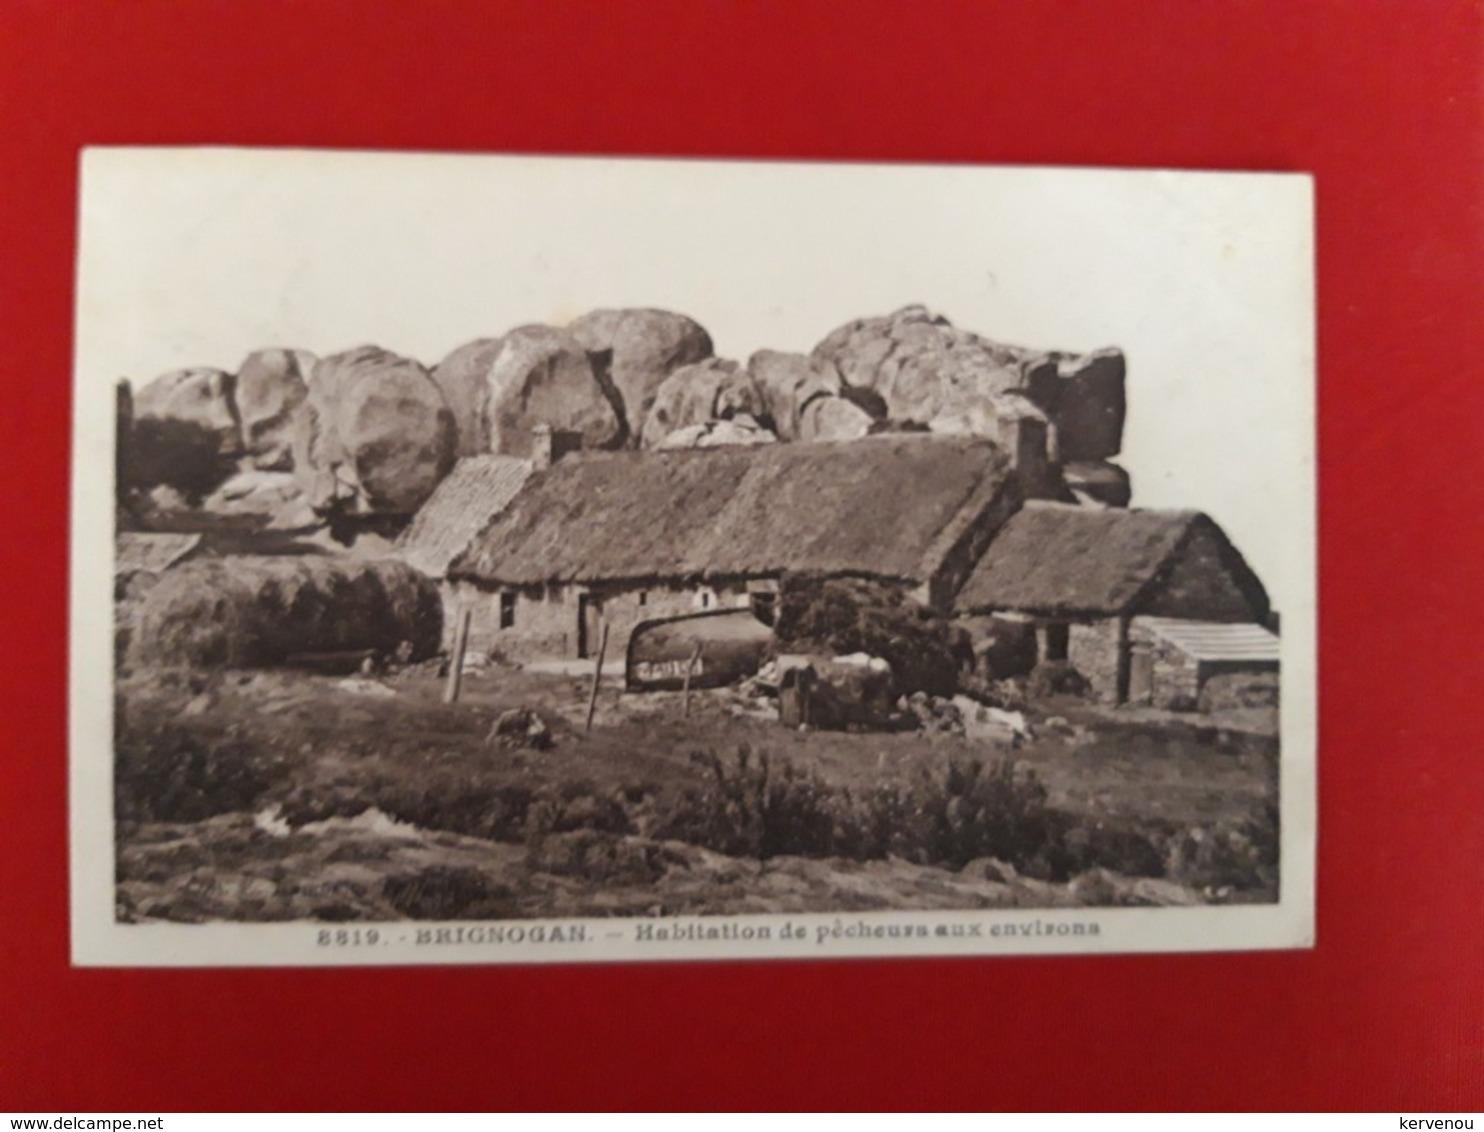 BRIGNOGAN Habitation De Pecheurs Aux Environs - Brignogan-Plage